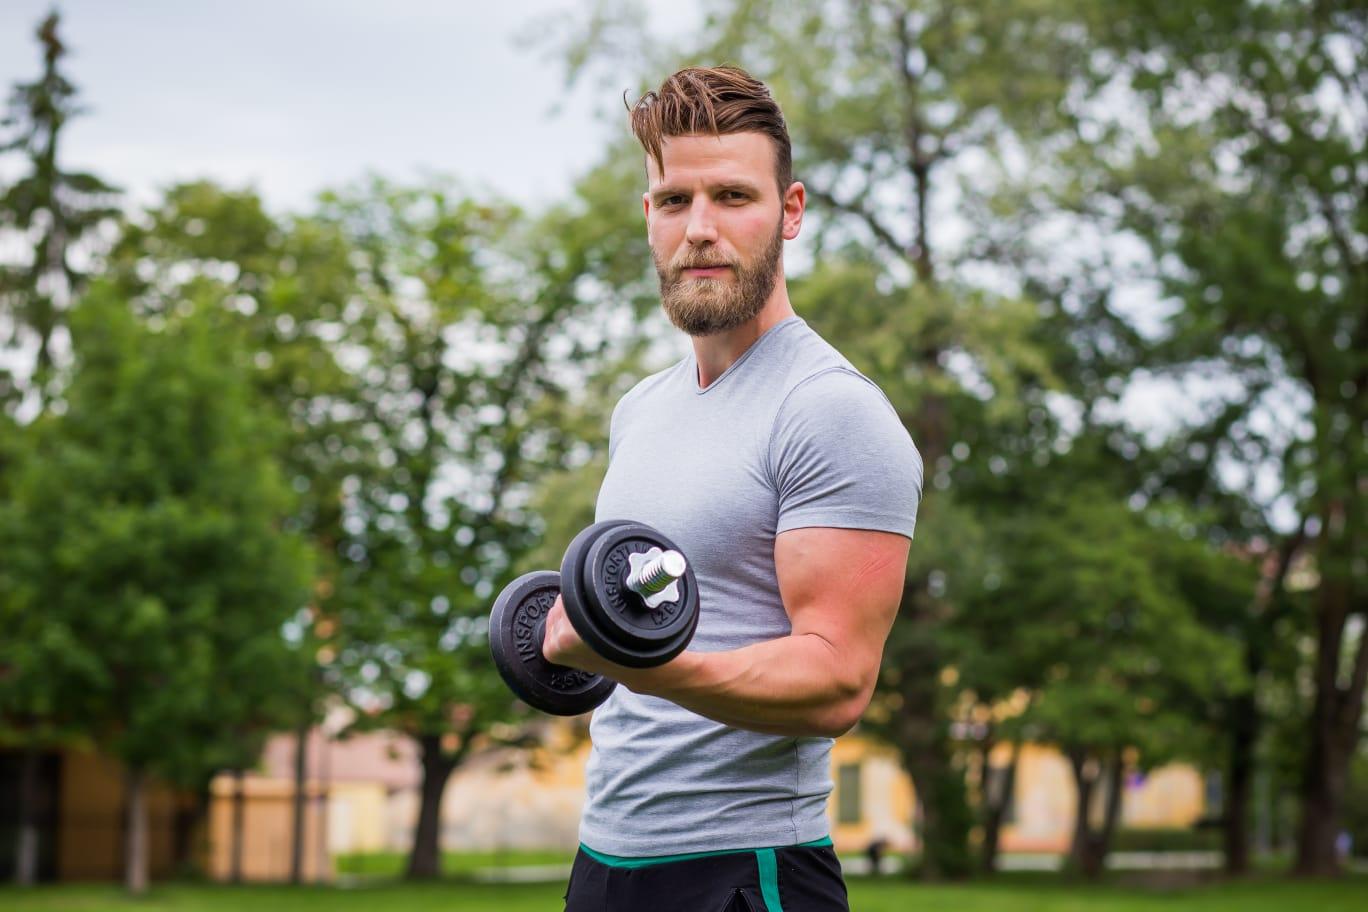 Victor Diaconescu, antrenor personal: Fitness-ul a devenit o pasiune și nu am mai reușit să mă dezlipesc de el